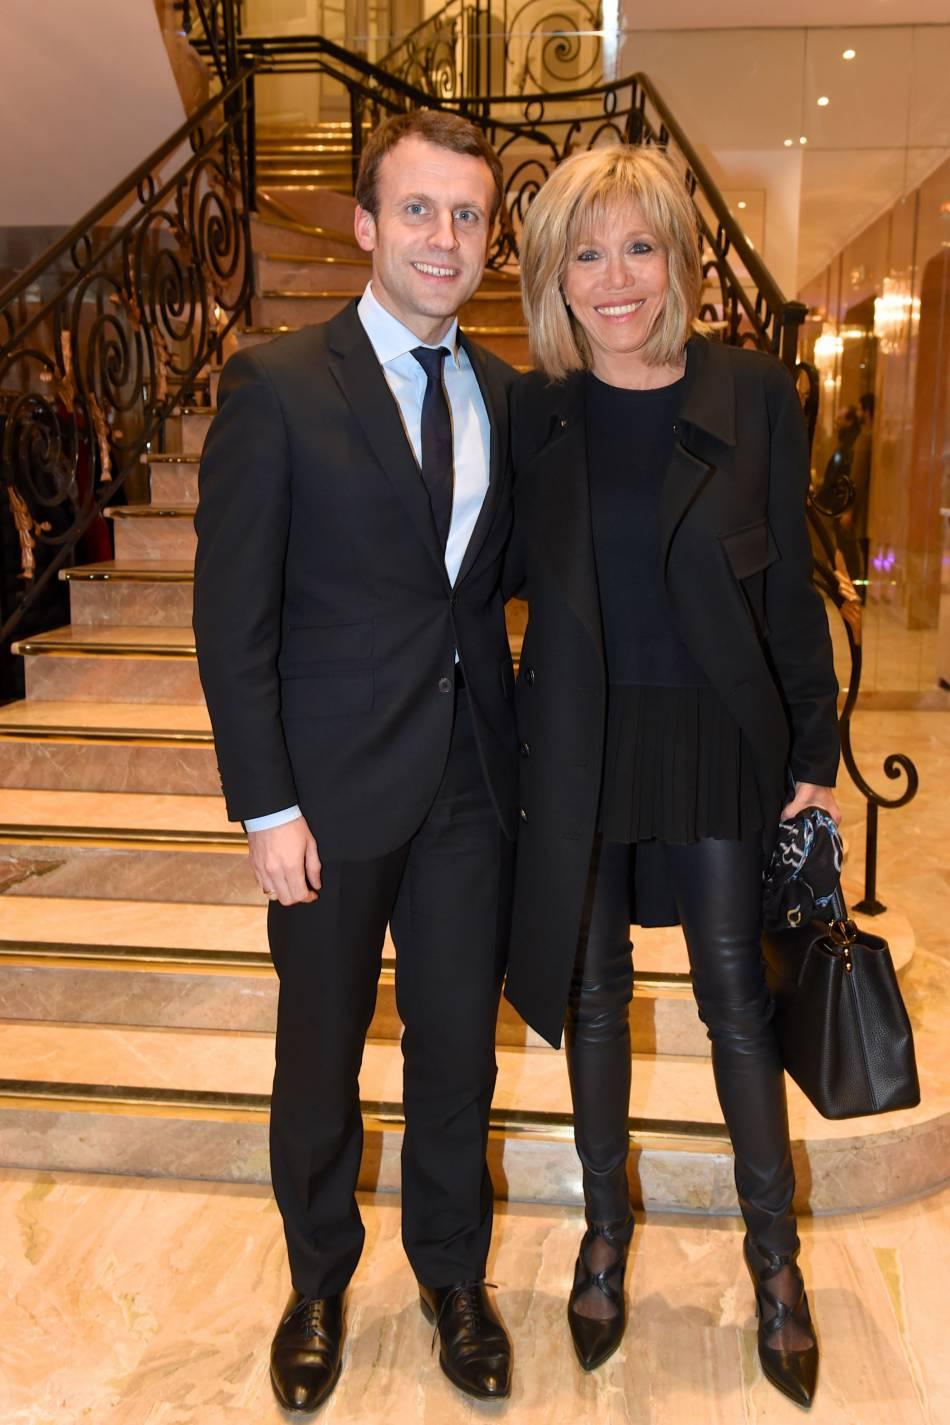 Brigitte et Emmanuel Macron se sont rencontrés au lycée. Elle était enseignante, lui élève.